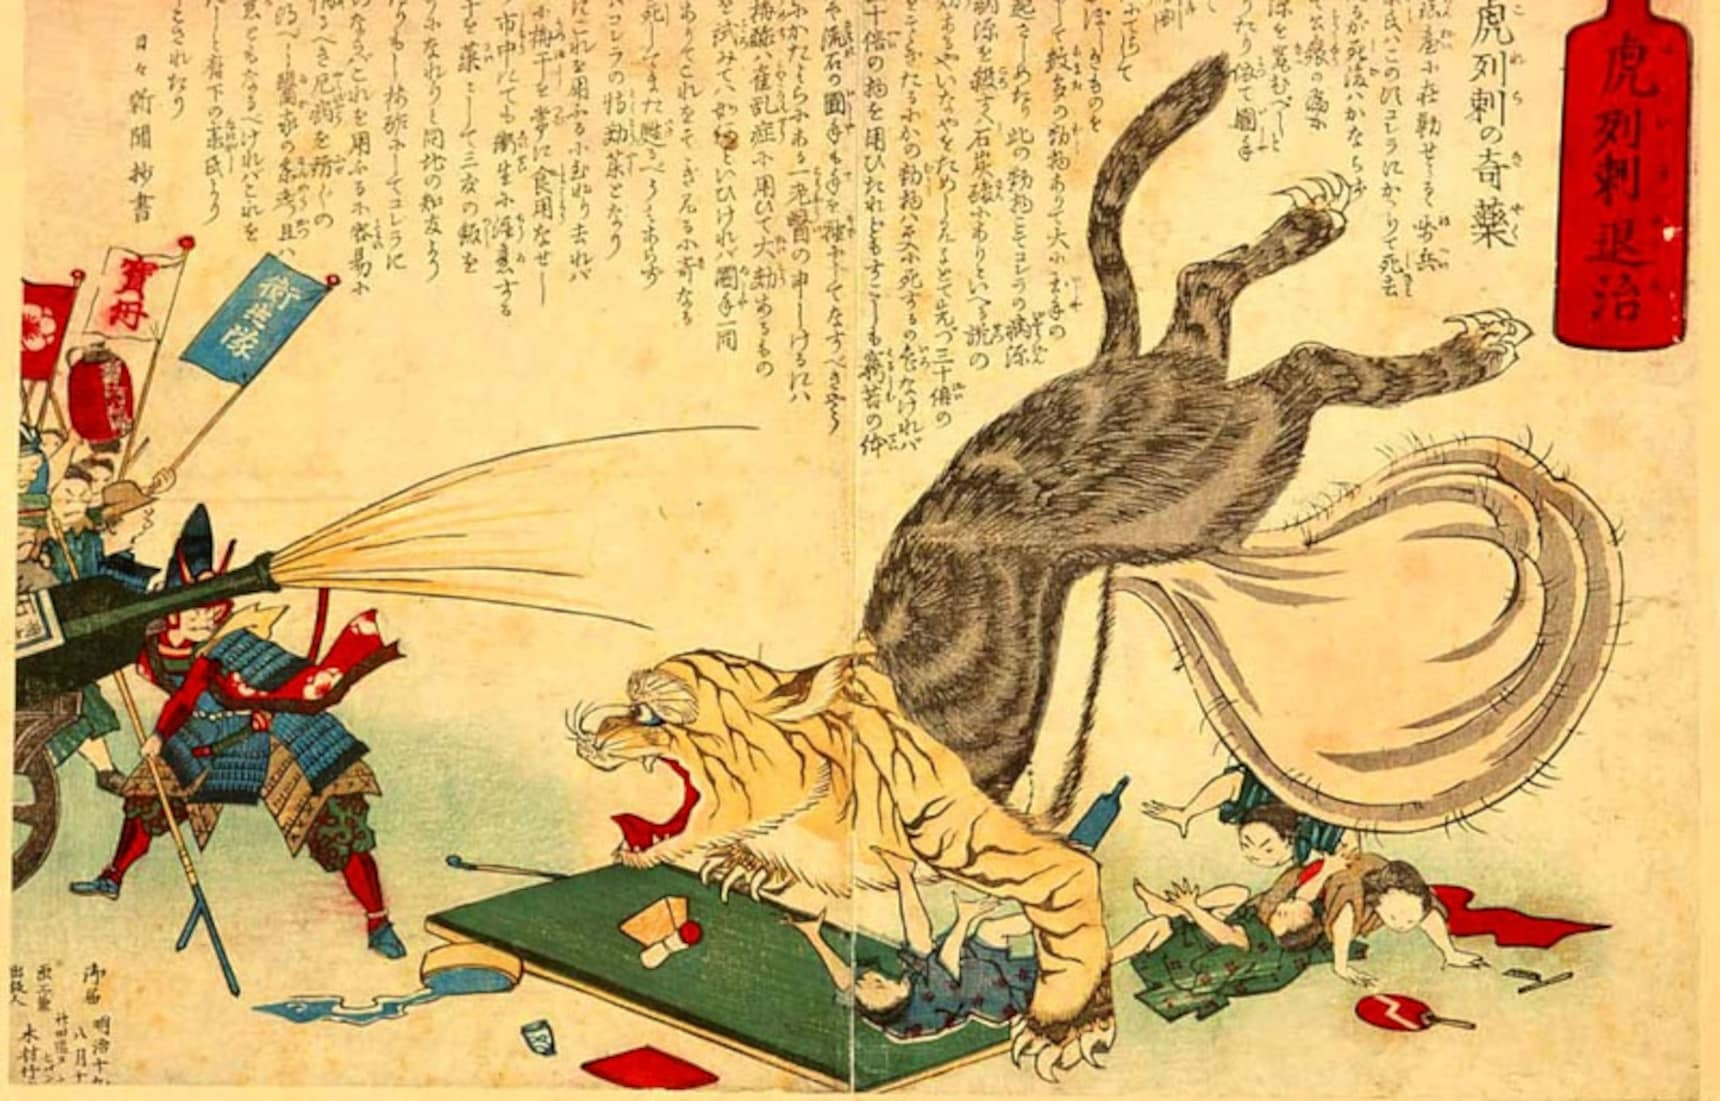 我们如何从日本历史上的传染病流行接受教训?